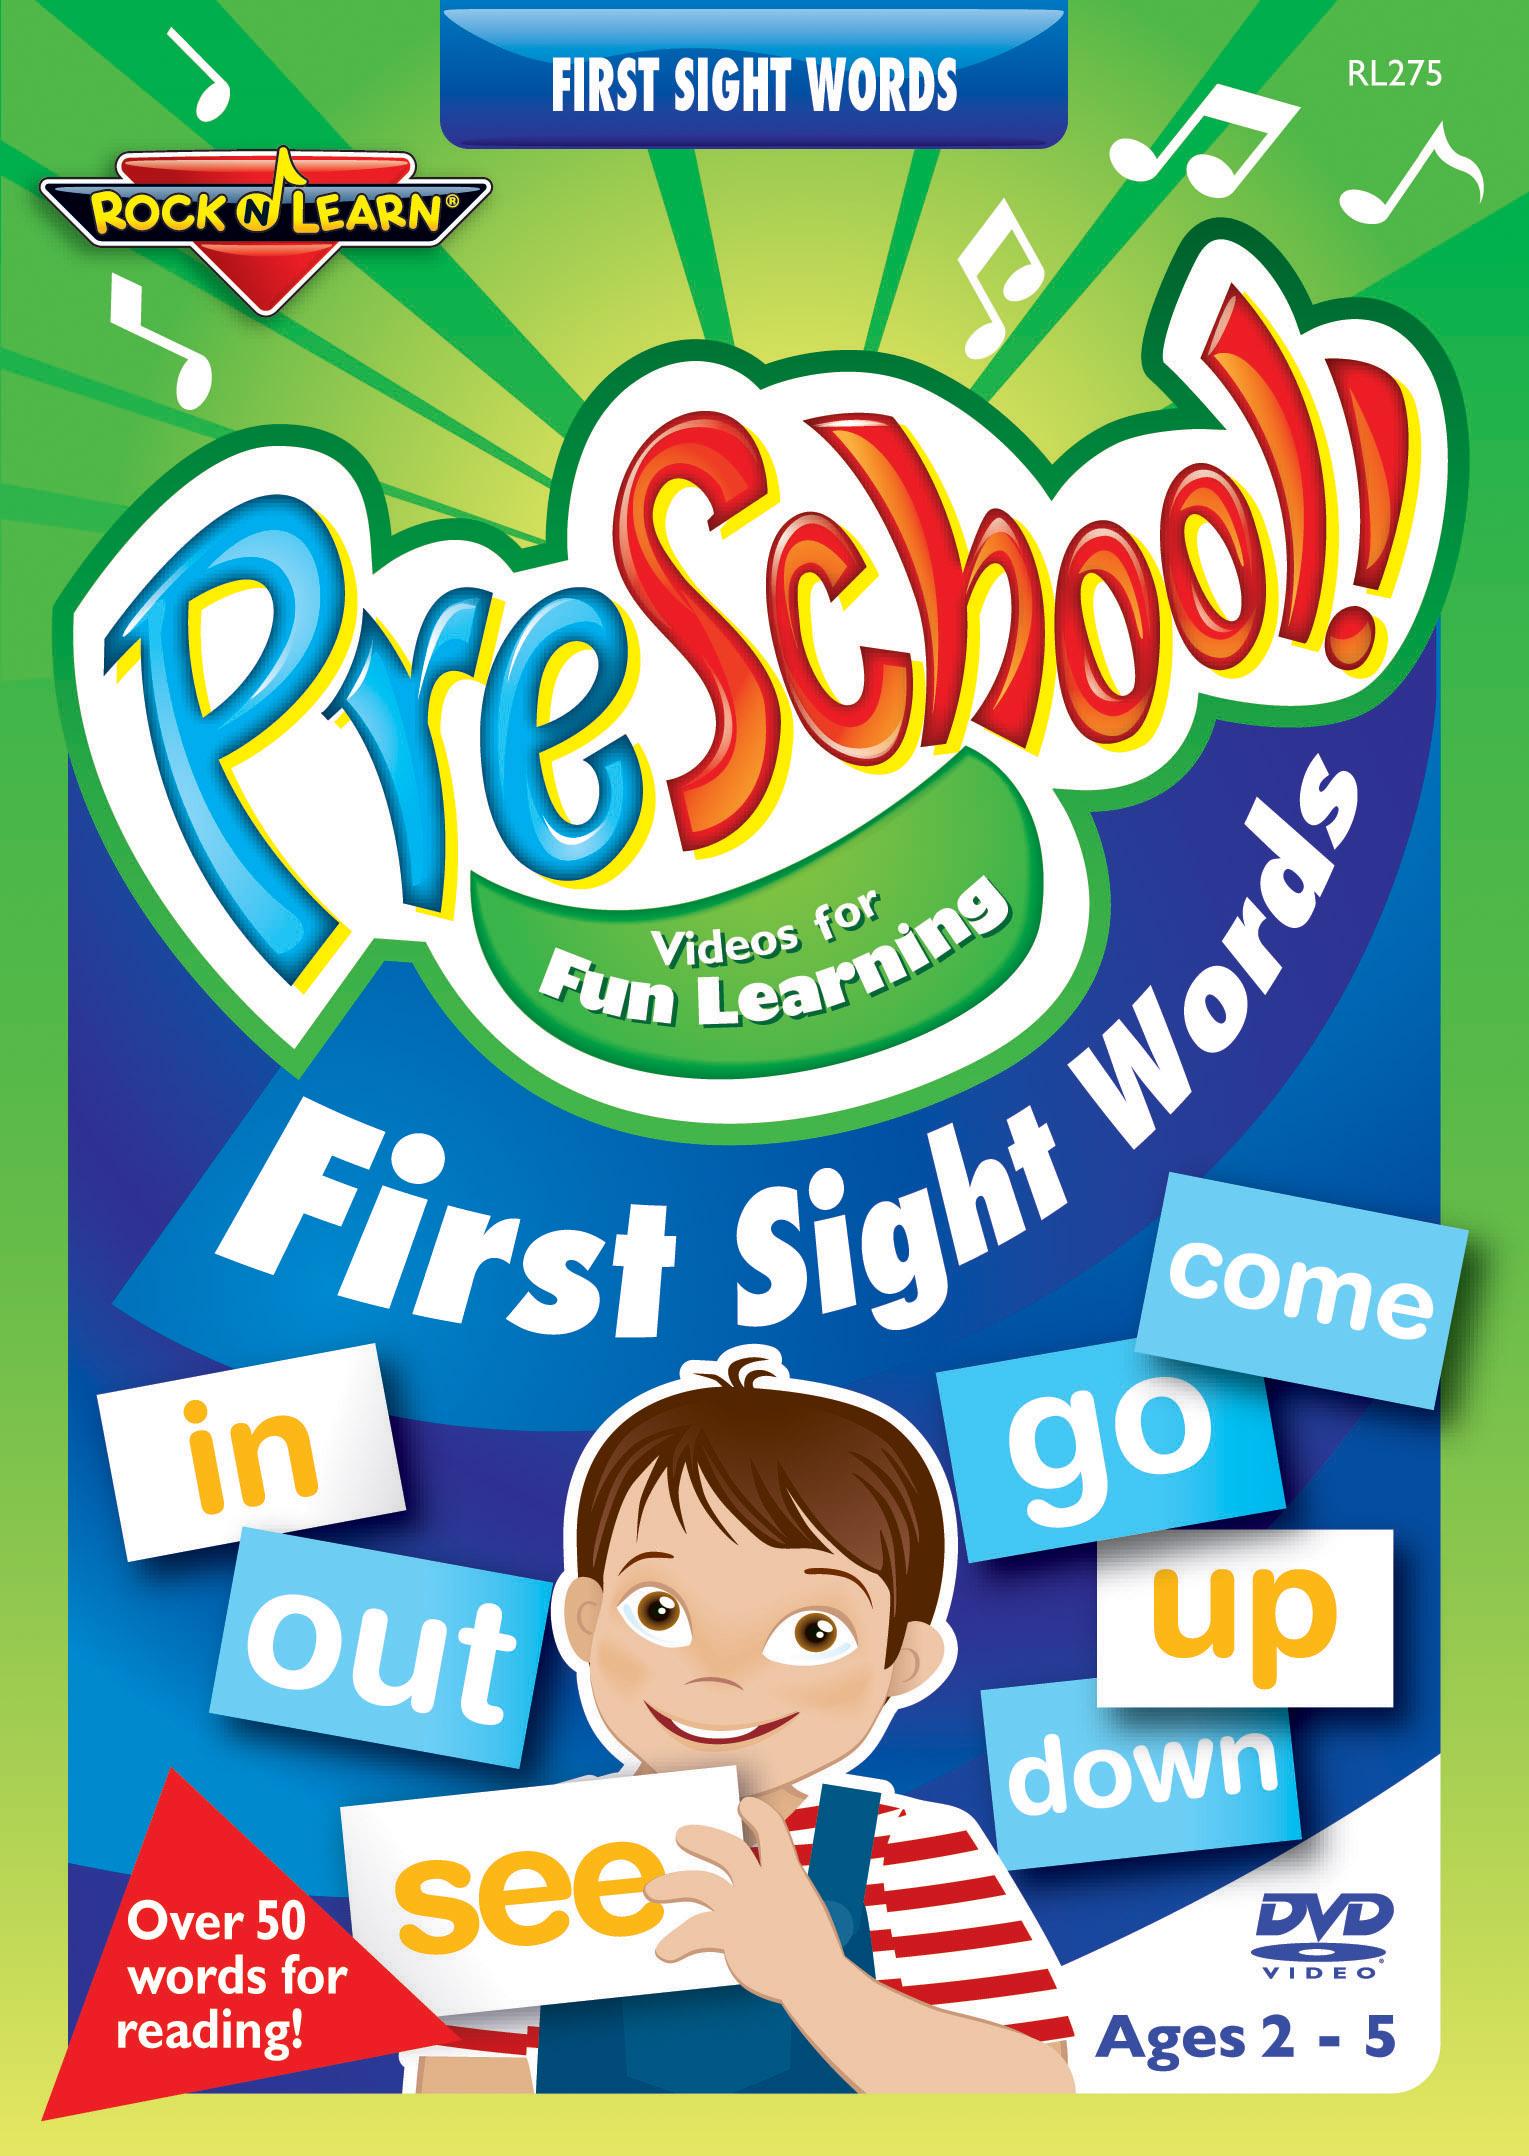 Rock 'N Learn: PreSchool! - First Sight Words